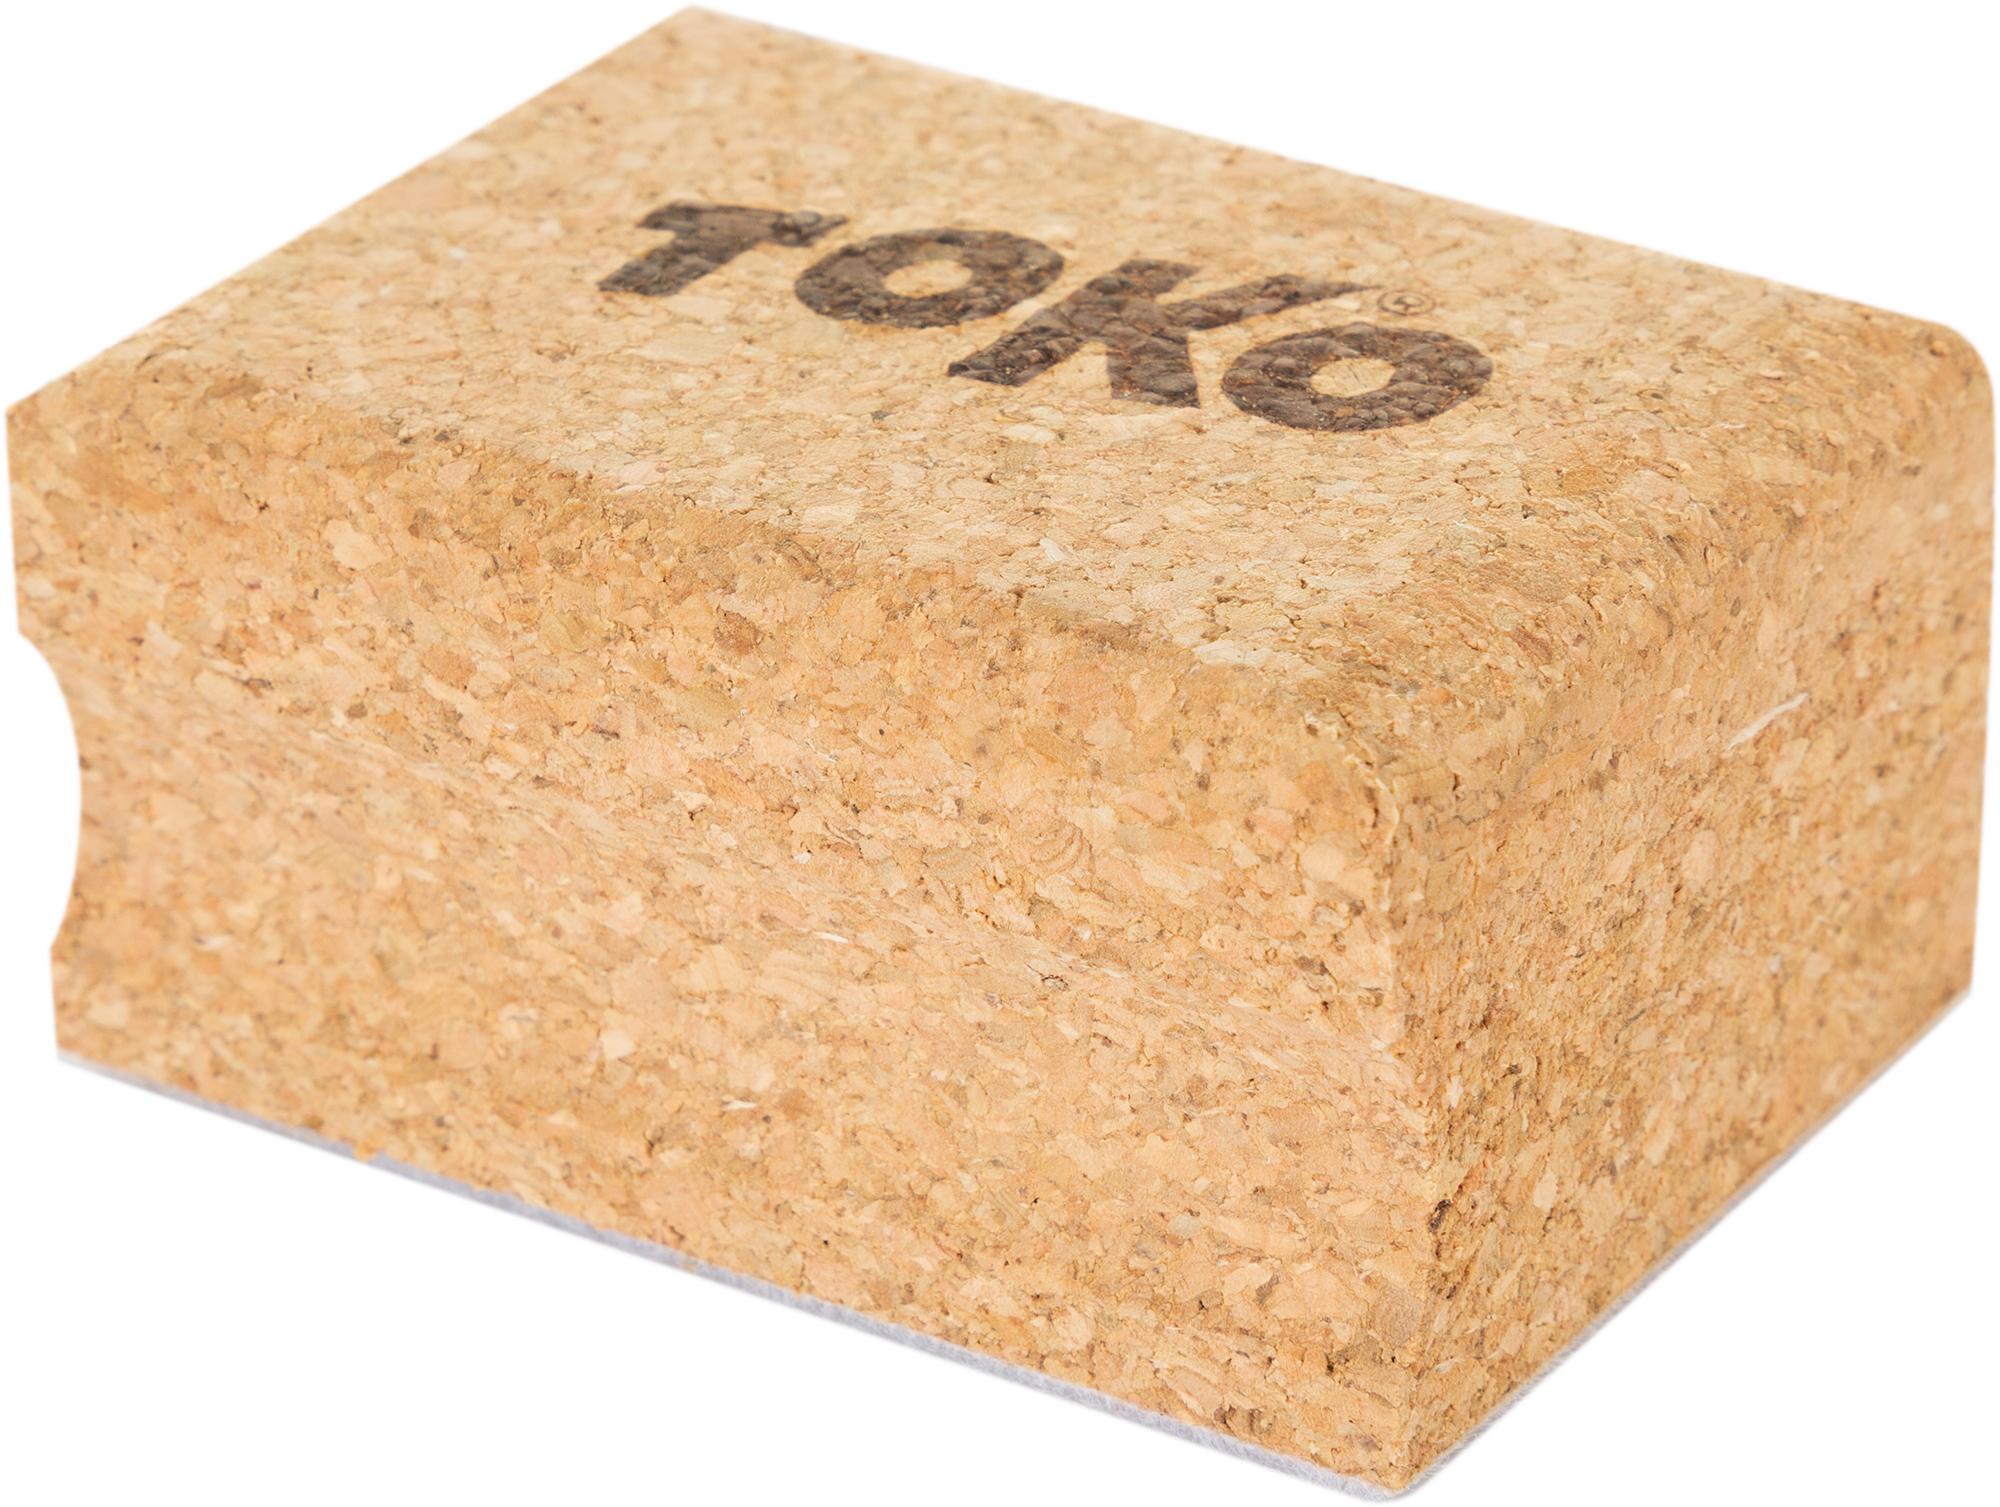 Toko Пробка для лыжной мази TOKO